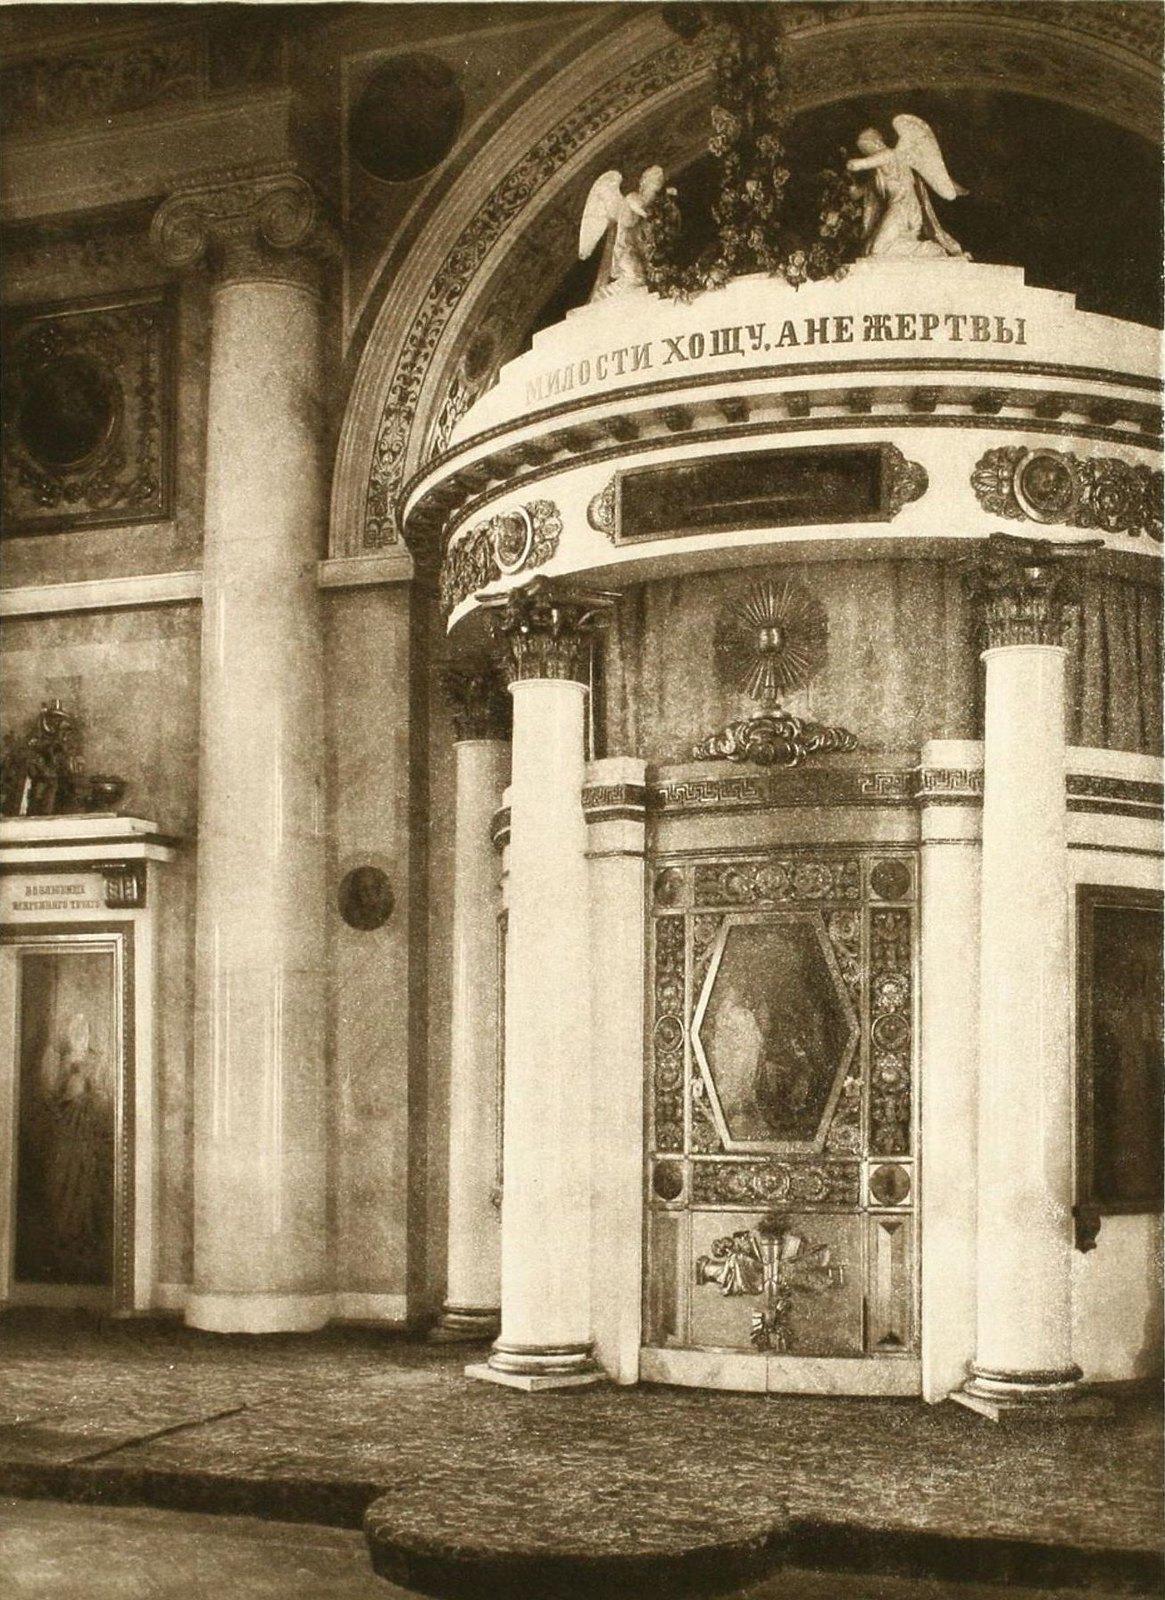 Екатерининский институт. Церковь в актовом зале